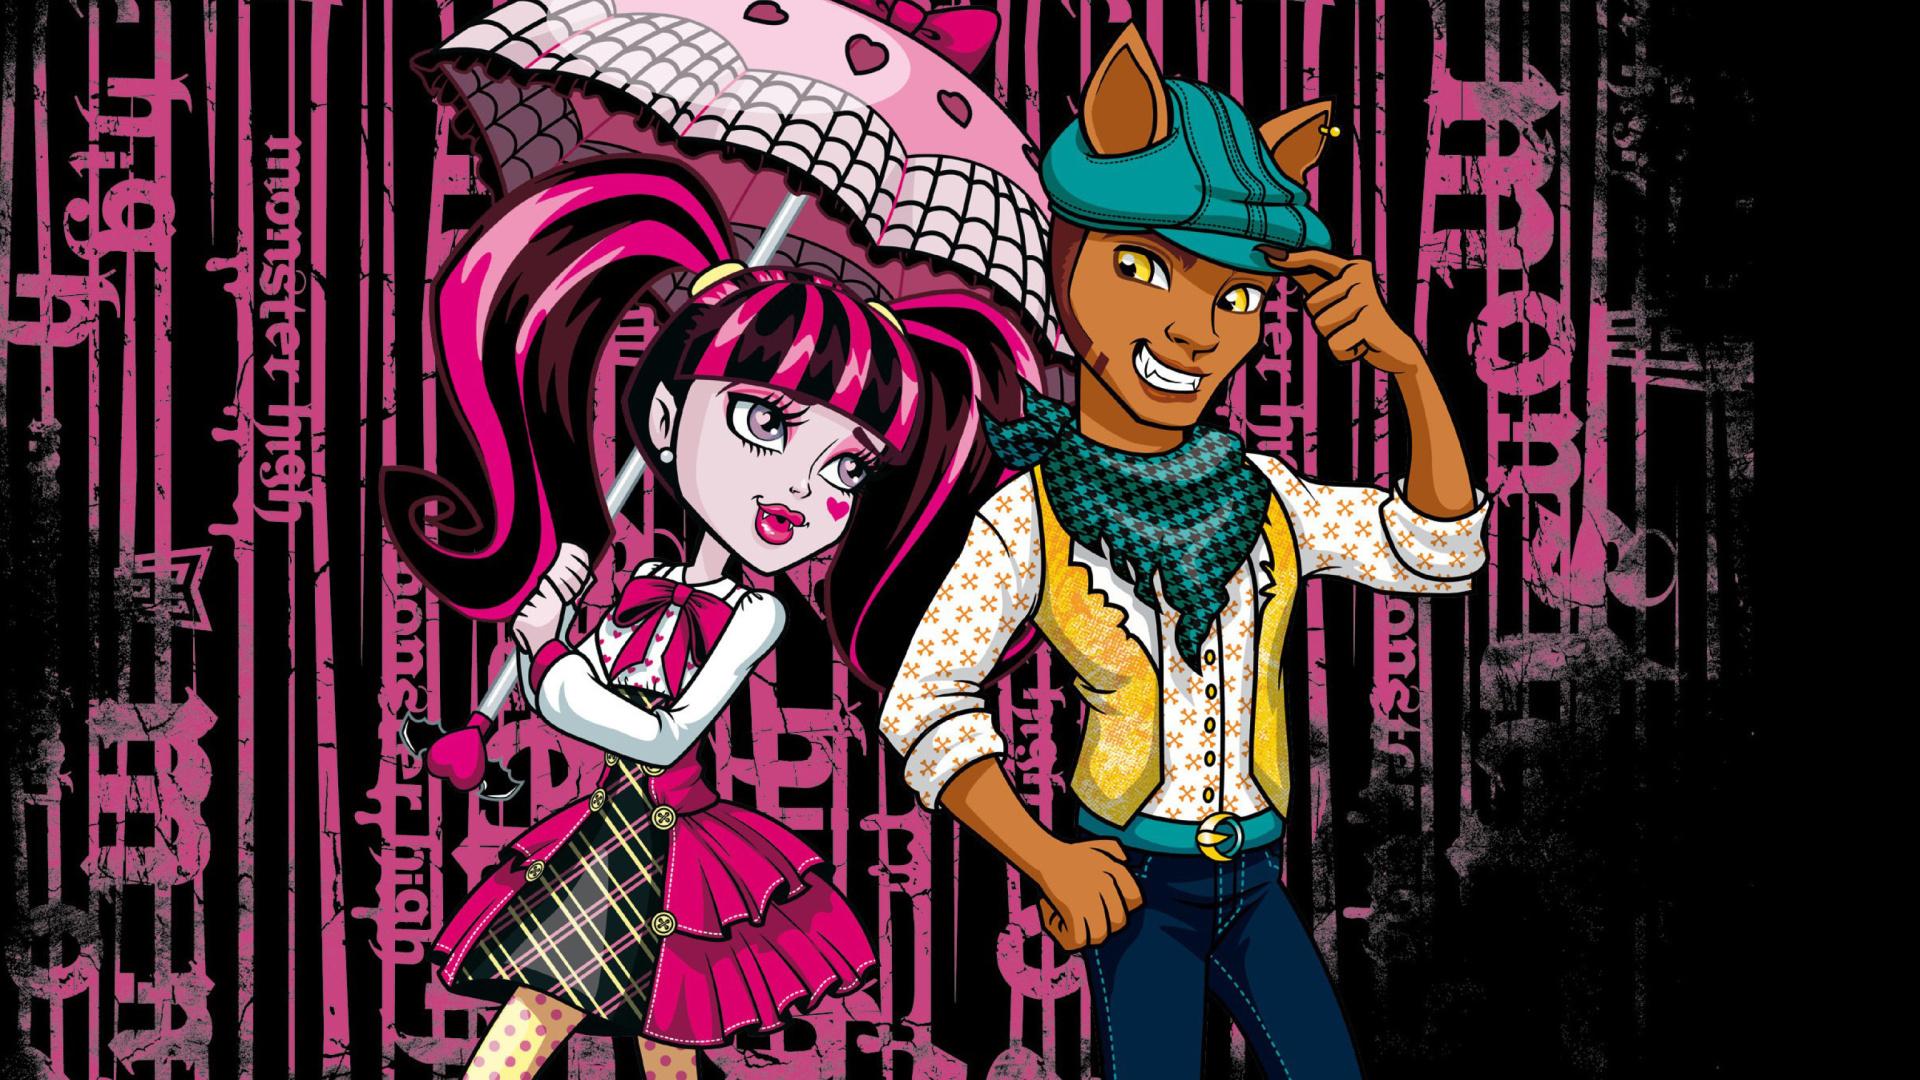 Fondos De Pantalla De Monster High: Fondos De Pantalla Gratis Para Escritorio